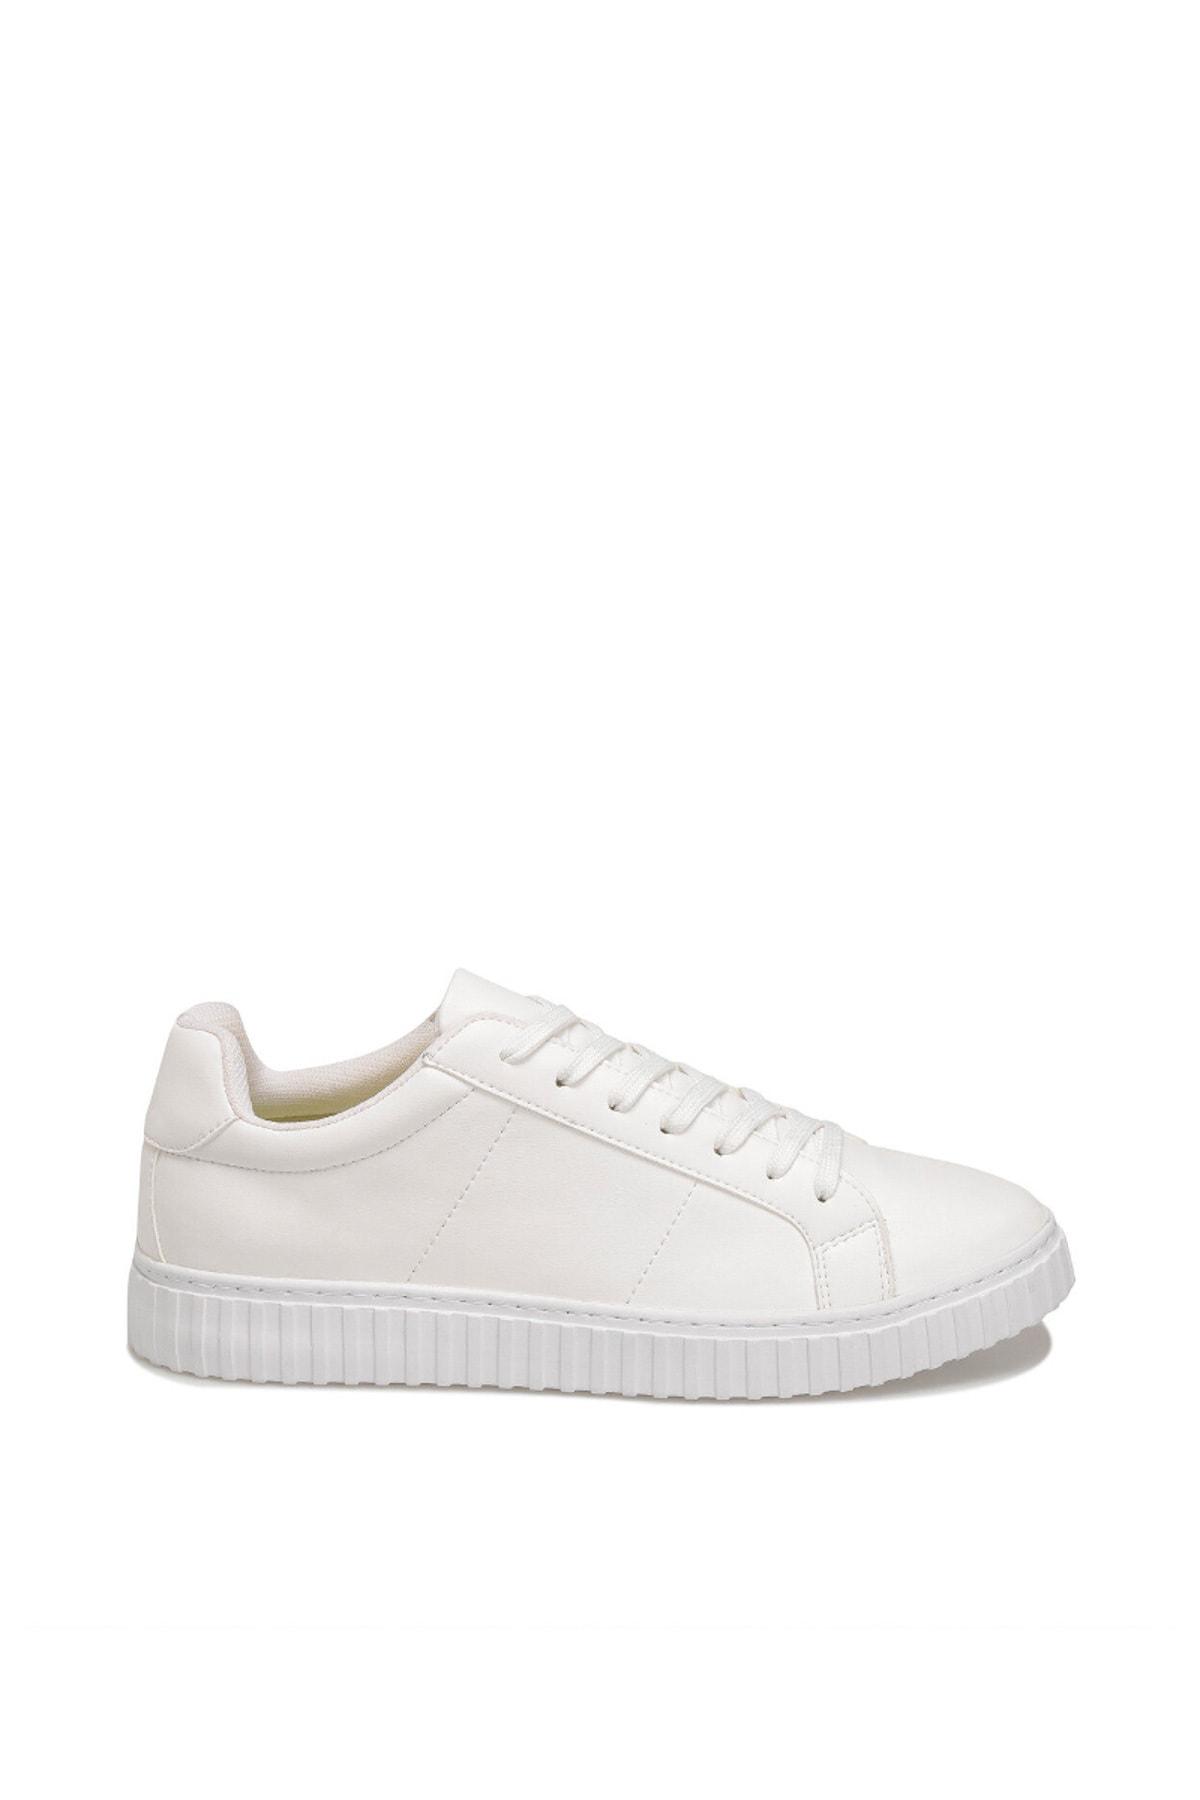 FORESTER 89407-B C 19 Beyaz Erkek Basic Casual Ayakkabı 100524419 2